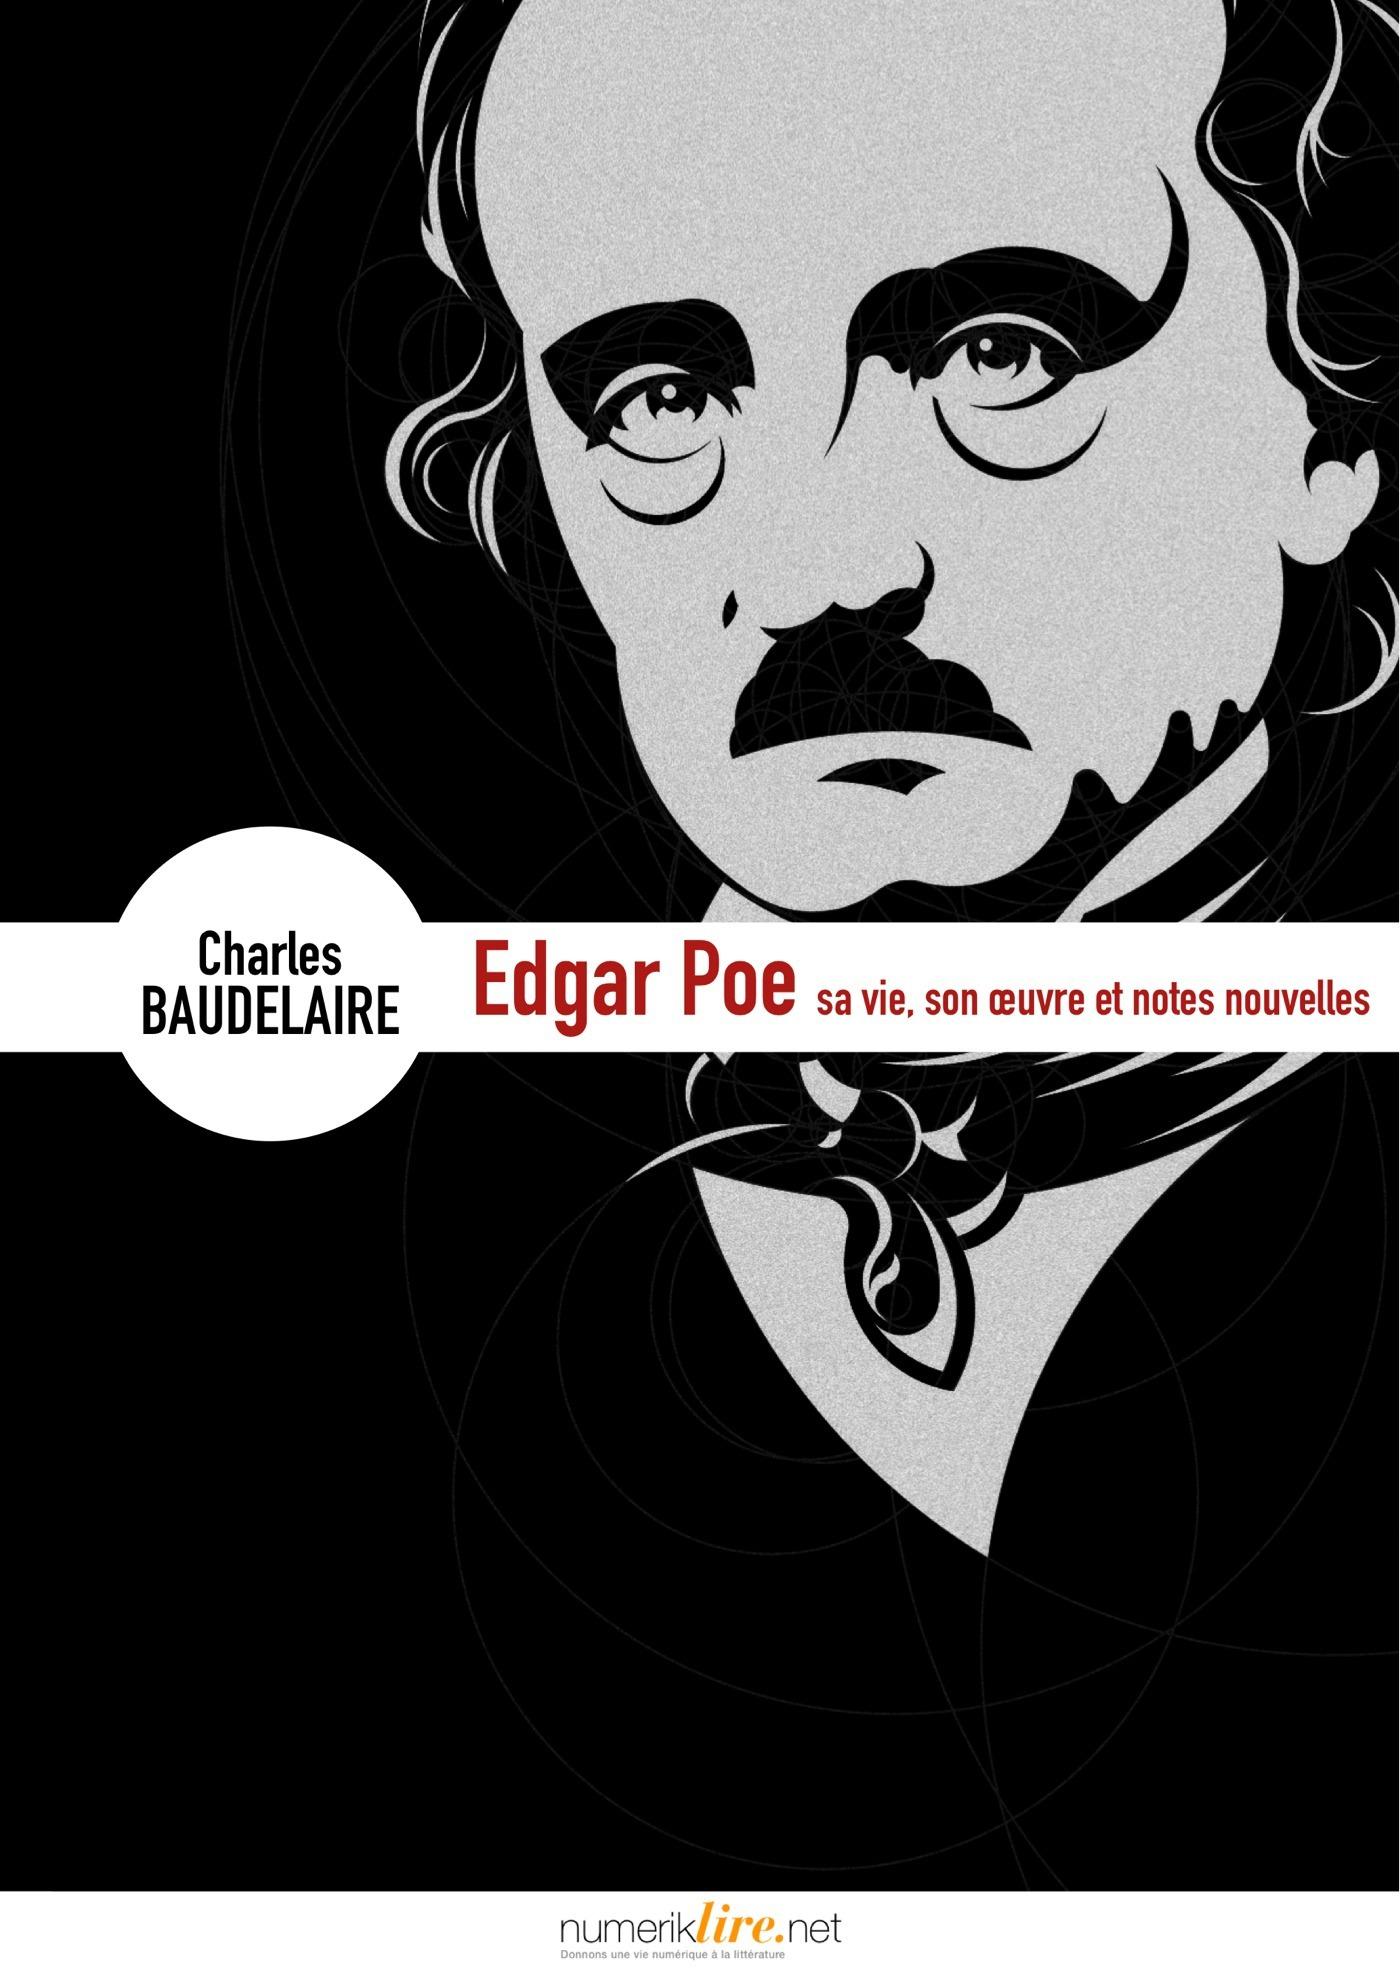 Edgar Poe, sa vie, son oeuvre et notes nouvelles